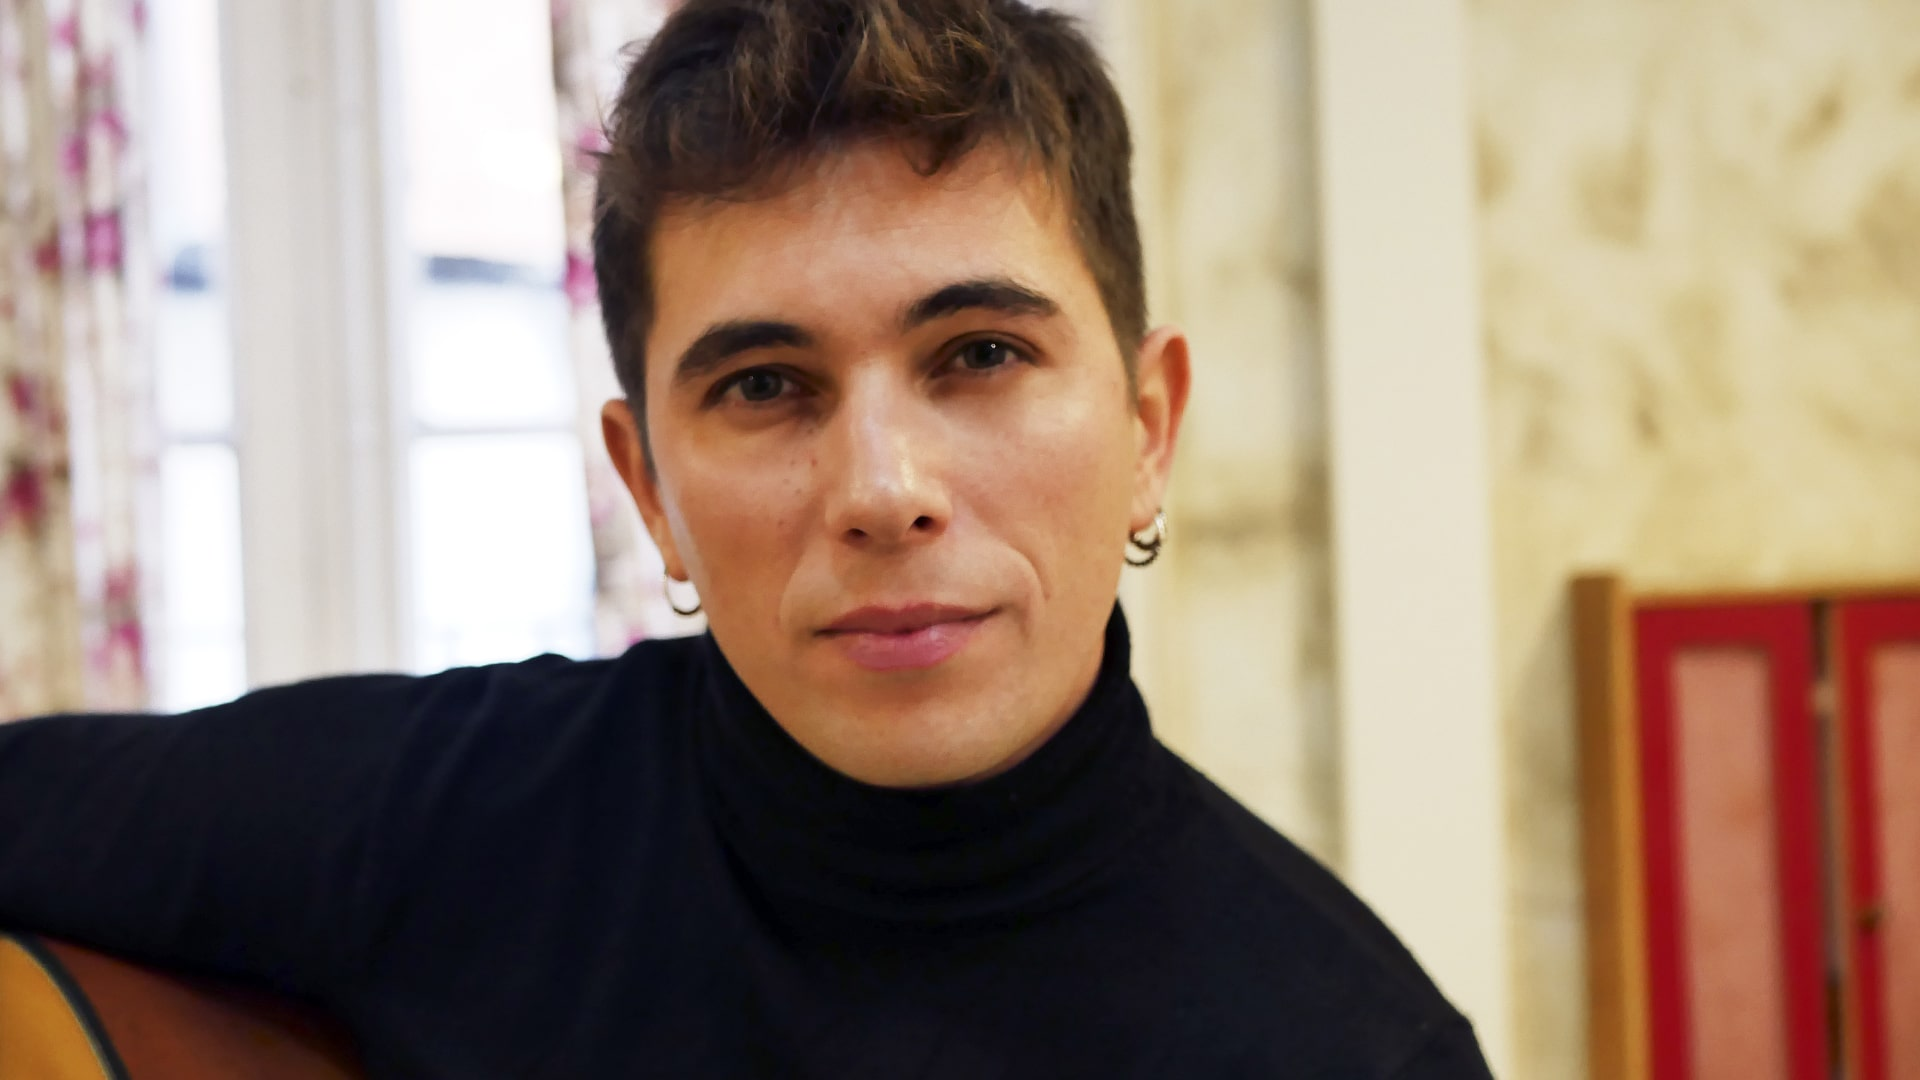 Guille Ogayar